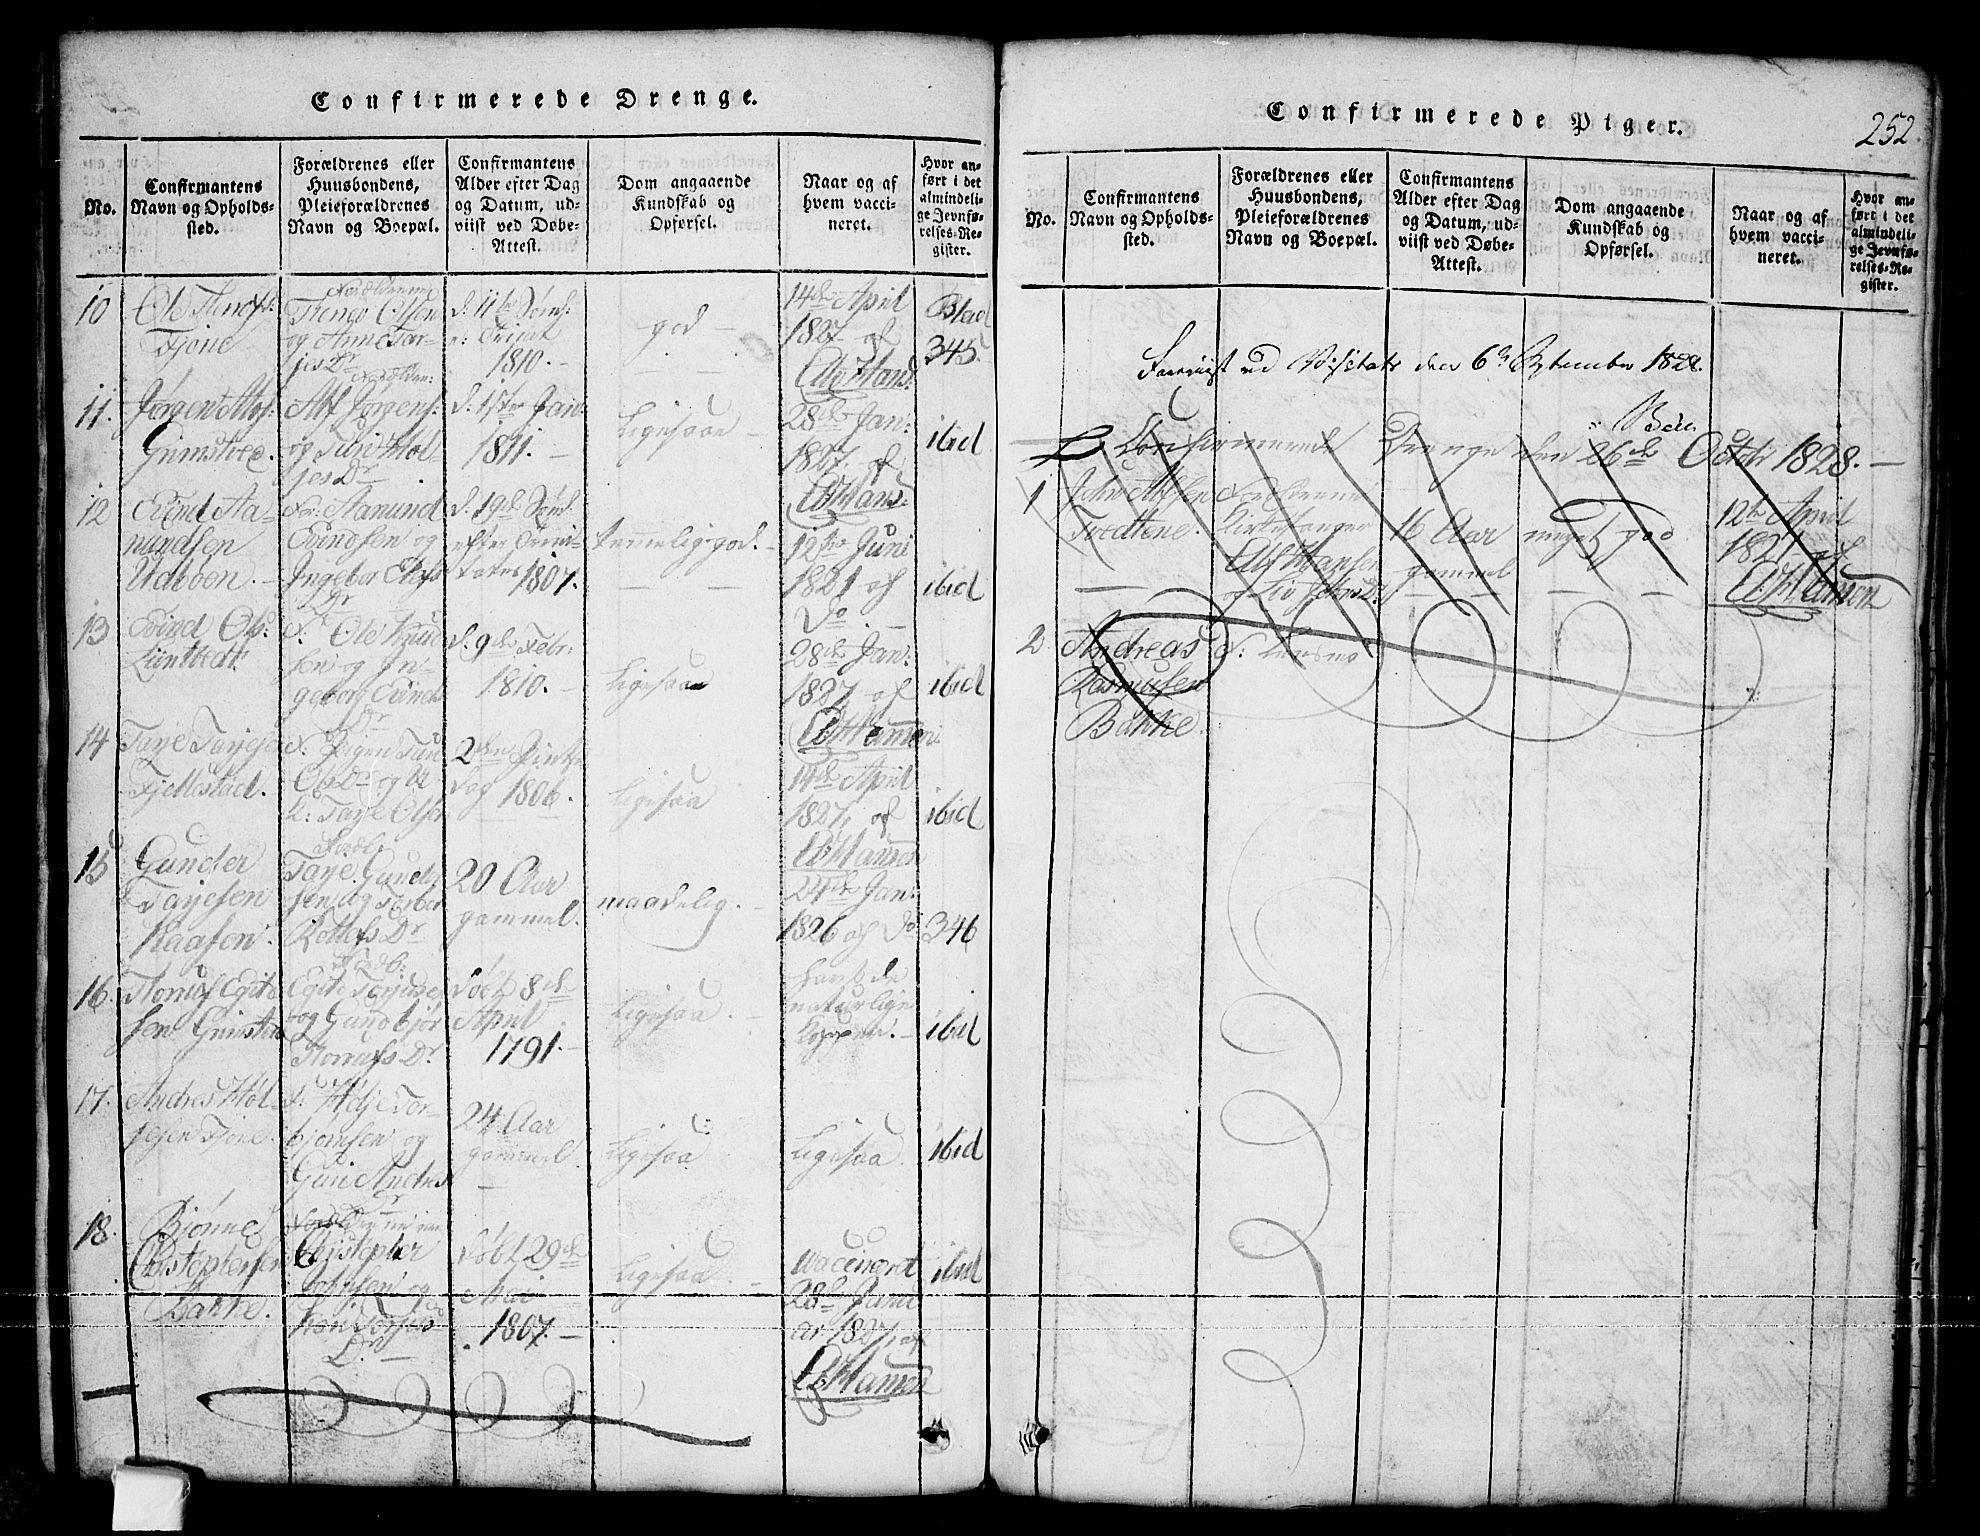 SAKO, Nissedal kirkebøker, G/Ga/L0001: Klokkerbok nr. I 1, 1814-1860, s. 252